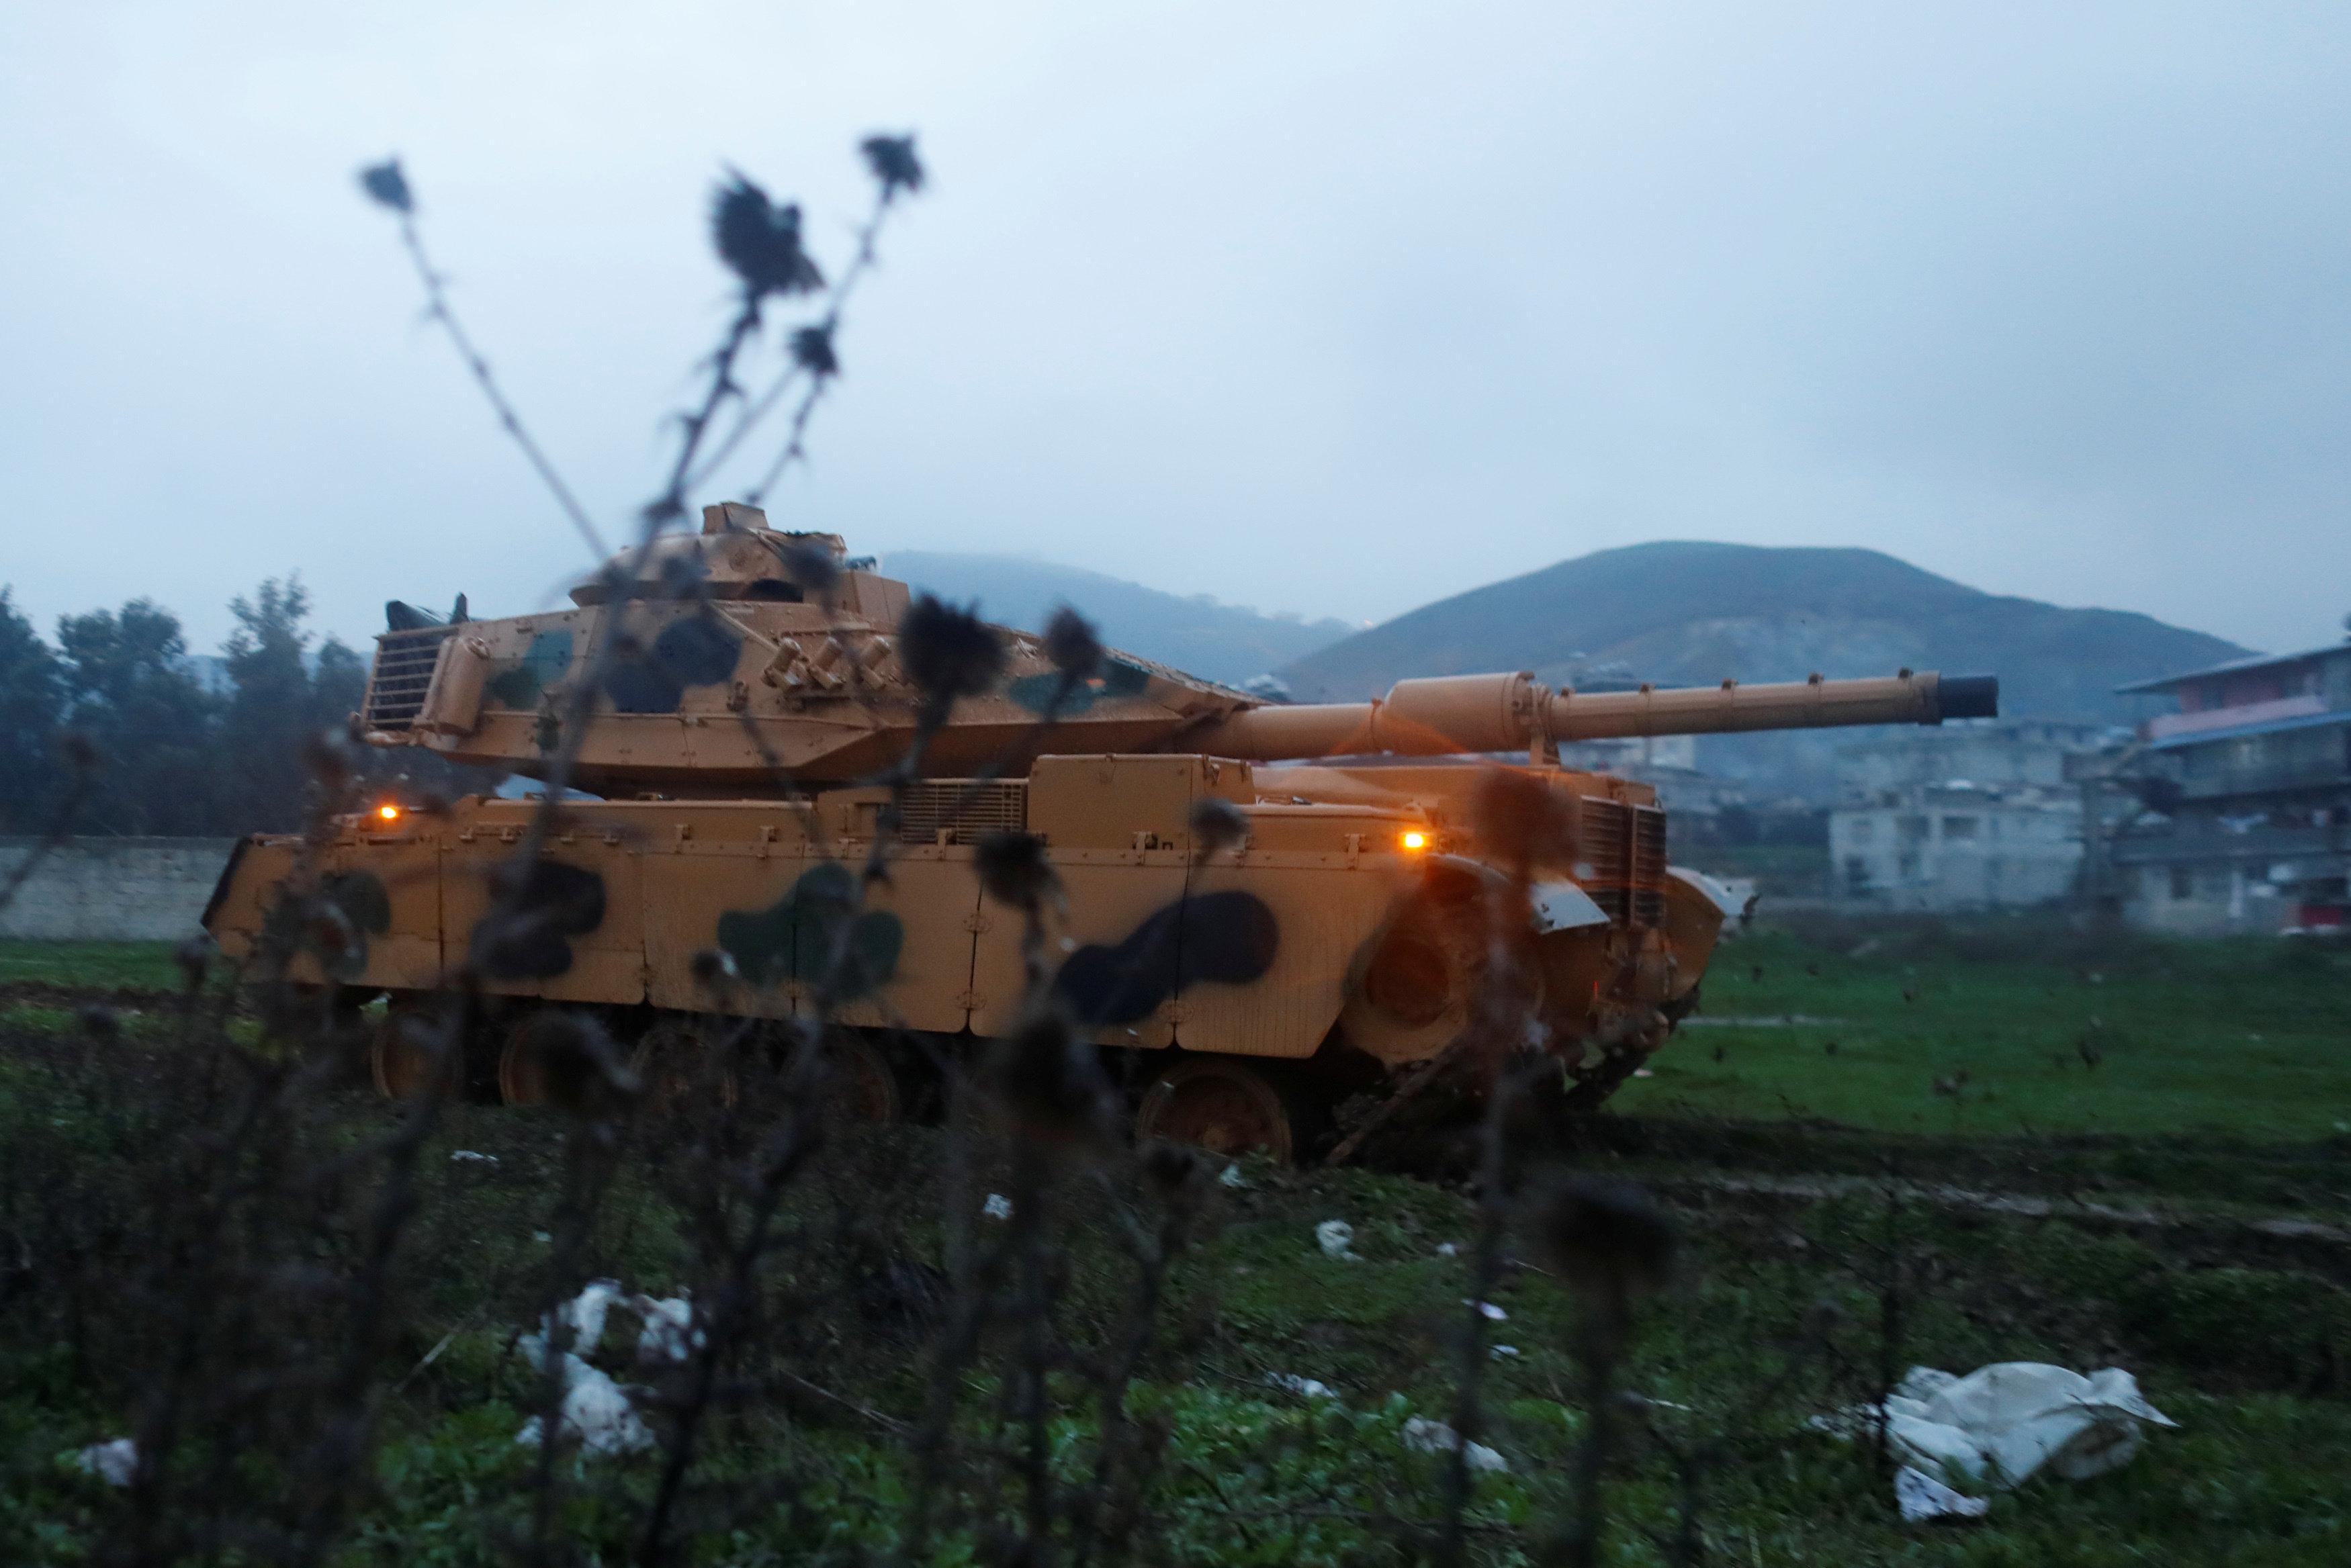 «Άμεση απάντηση» σε απειλές από τη δυτική Συρία υπόσχεται το τουρκικό Συμβούλιο Εθνικής Ασφαλείας